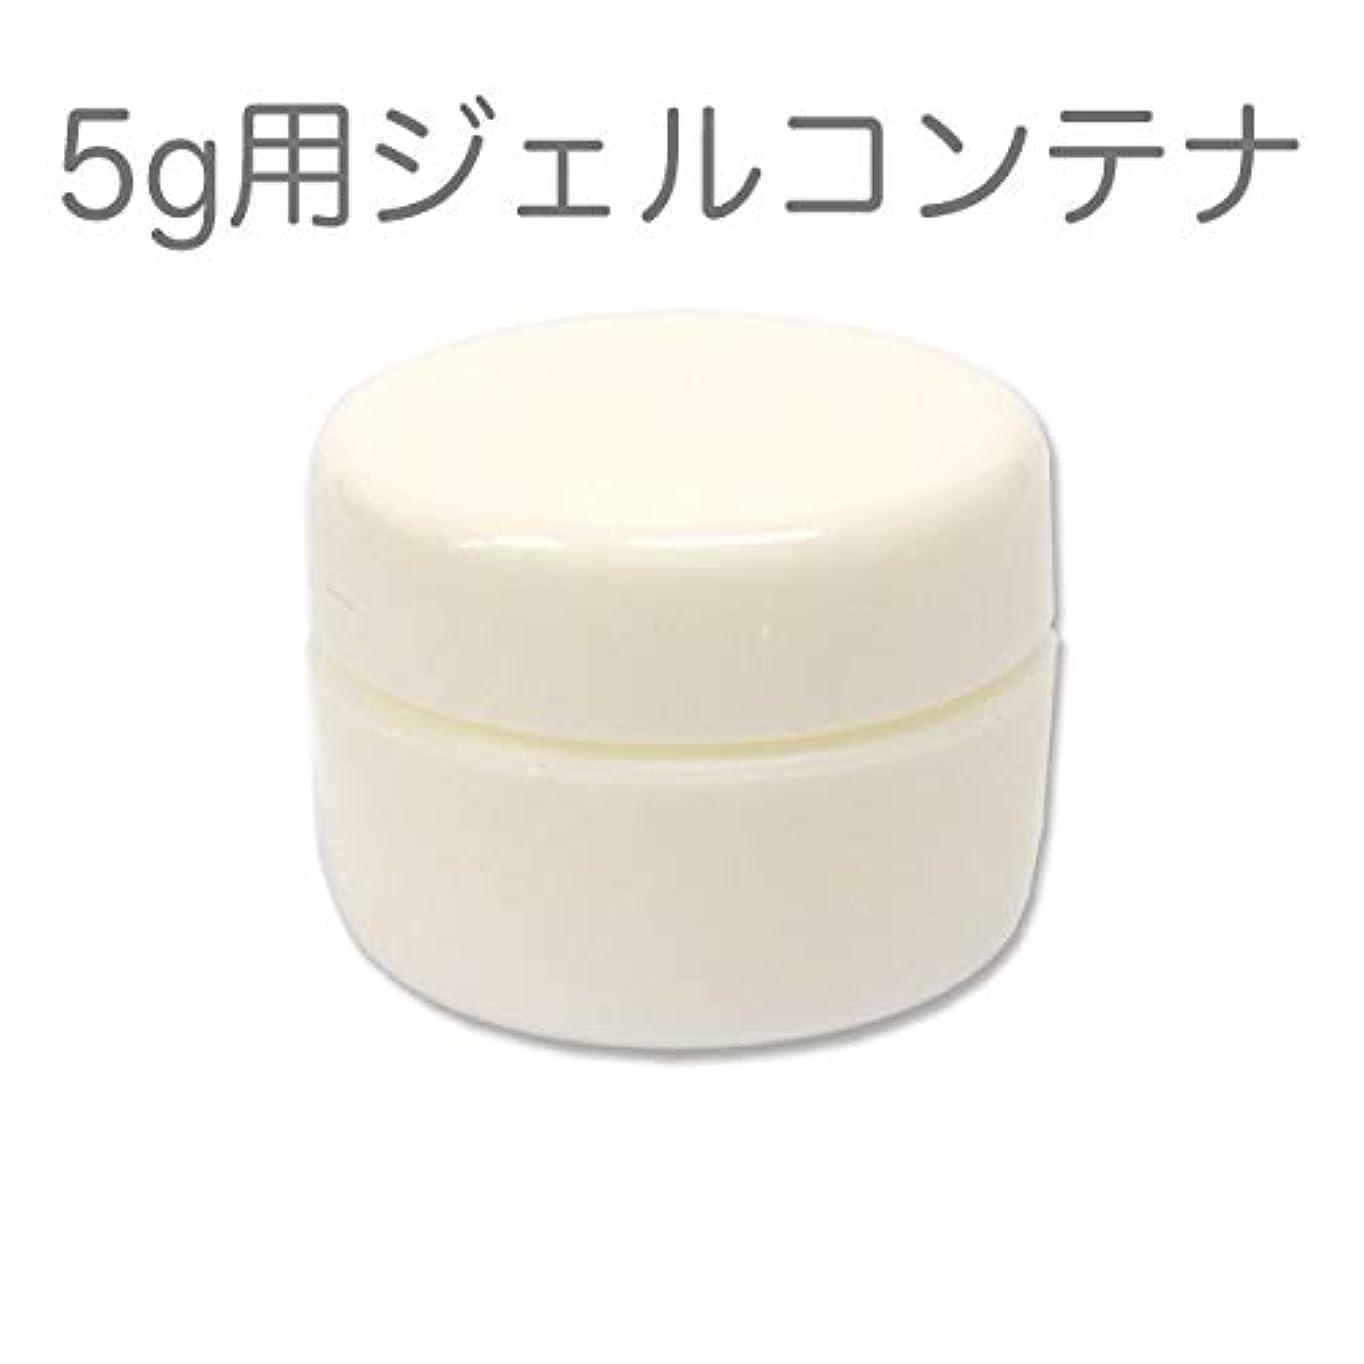 筋肉のピルファー最大10個セット ジェルネイル用スペアコンテナ 容量5g ホワイト 蓋裏に漏れ防止パッキン付き